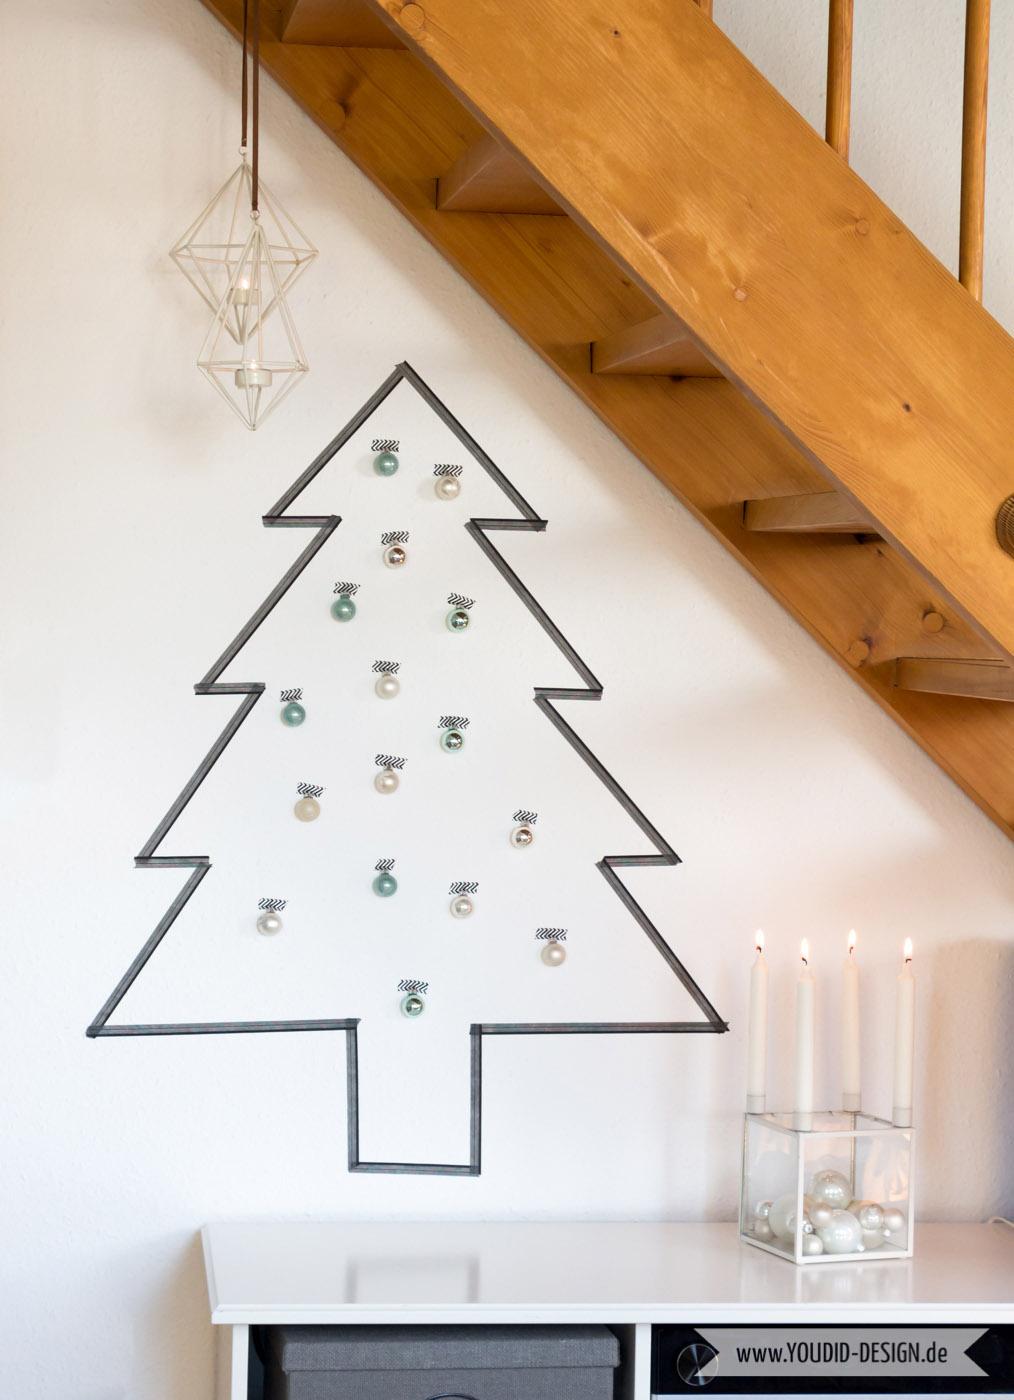 Nordische Weihnachtsdeko.Minimalistische Skandinavische Weihnachtsdeko Linksammlung Youdid